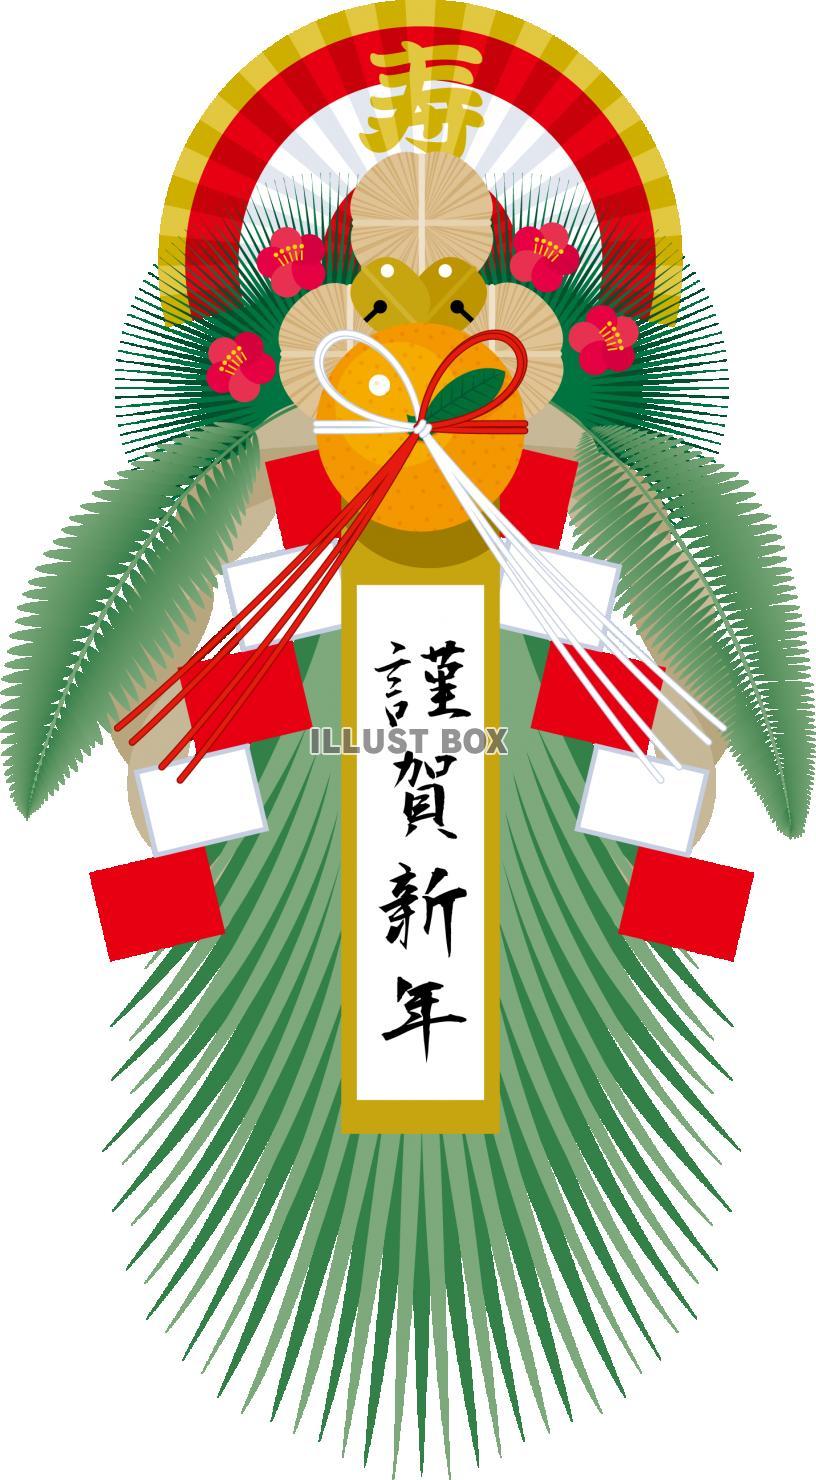 無料イラスト 年賀状素材 正月飾り 謹賀新年